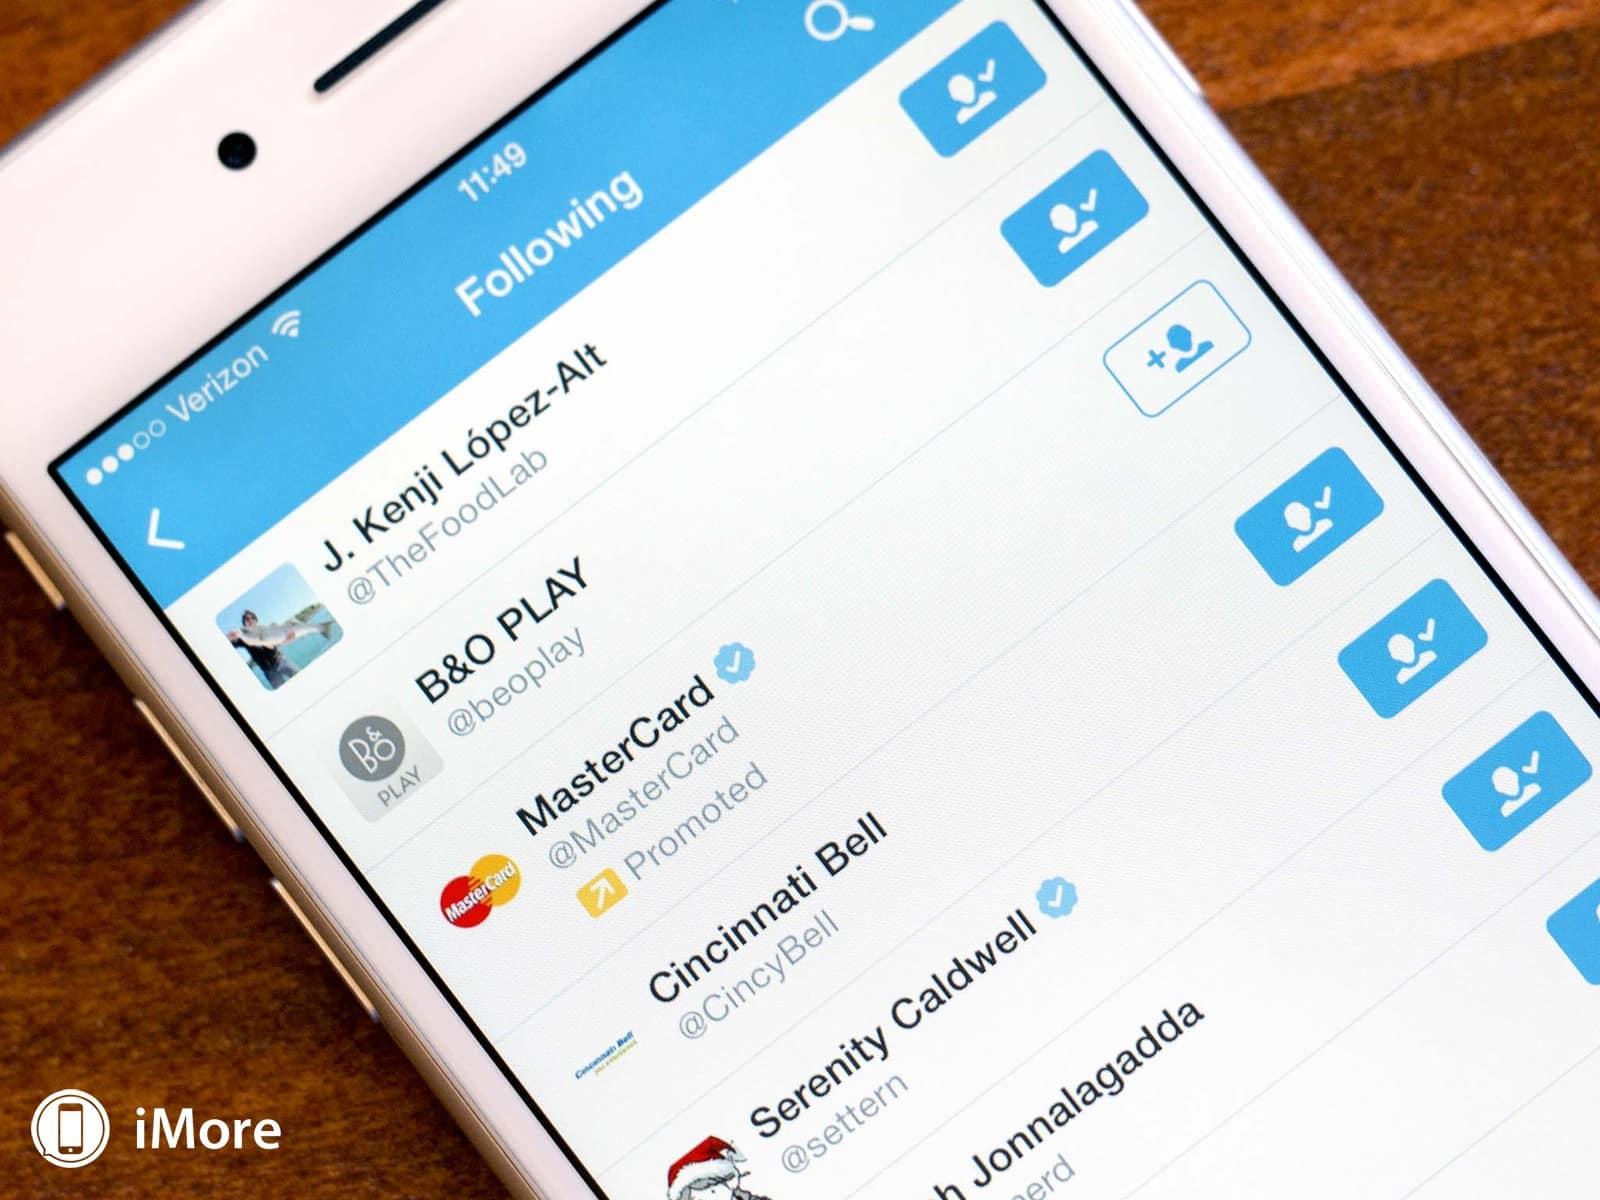 Twitter está agregando cuentas a la lista de seguidos para aumentar los ingresos por publicidad.